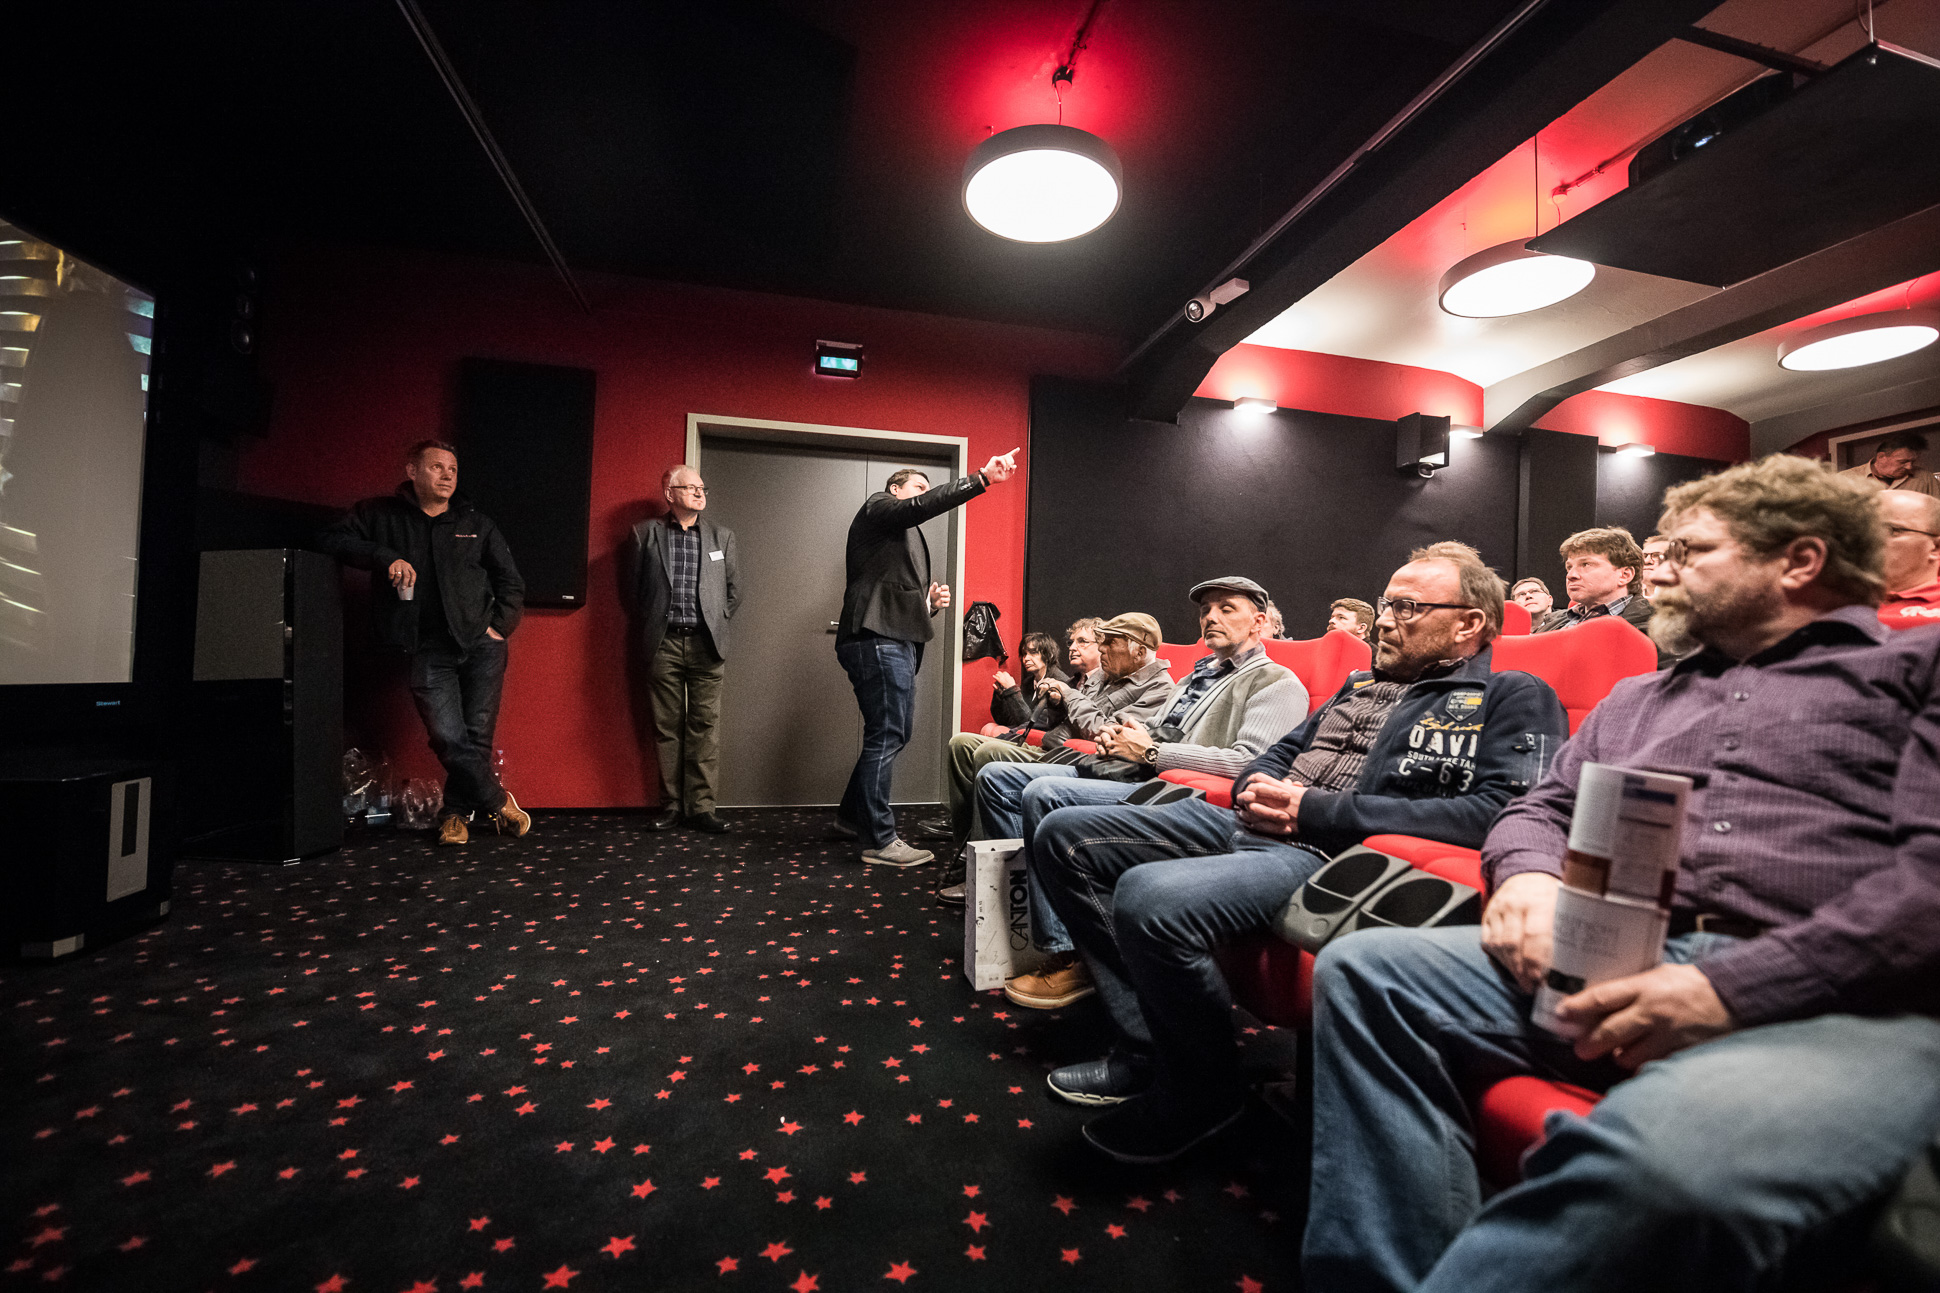 Carsten M. Bröcker von Avinity erläutert den Zuschauern im Heimkinosaal die Vorzüge des neuen 4K-HDMI Kabels von Avinity.